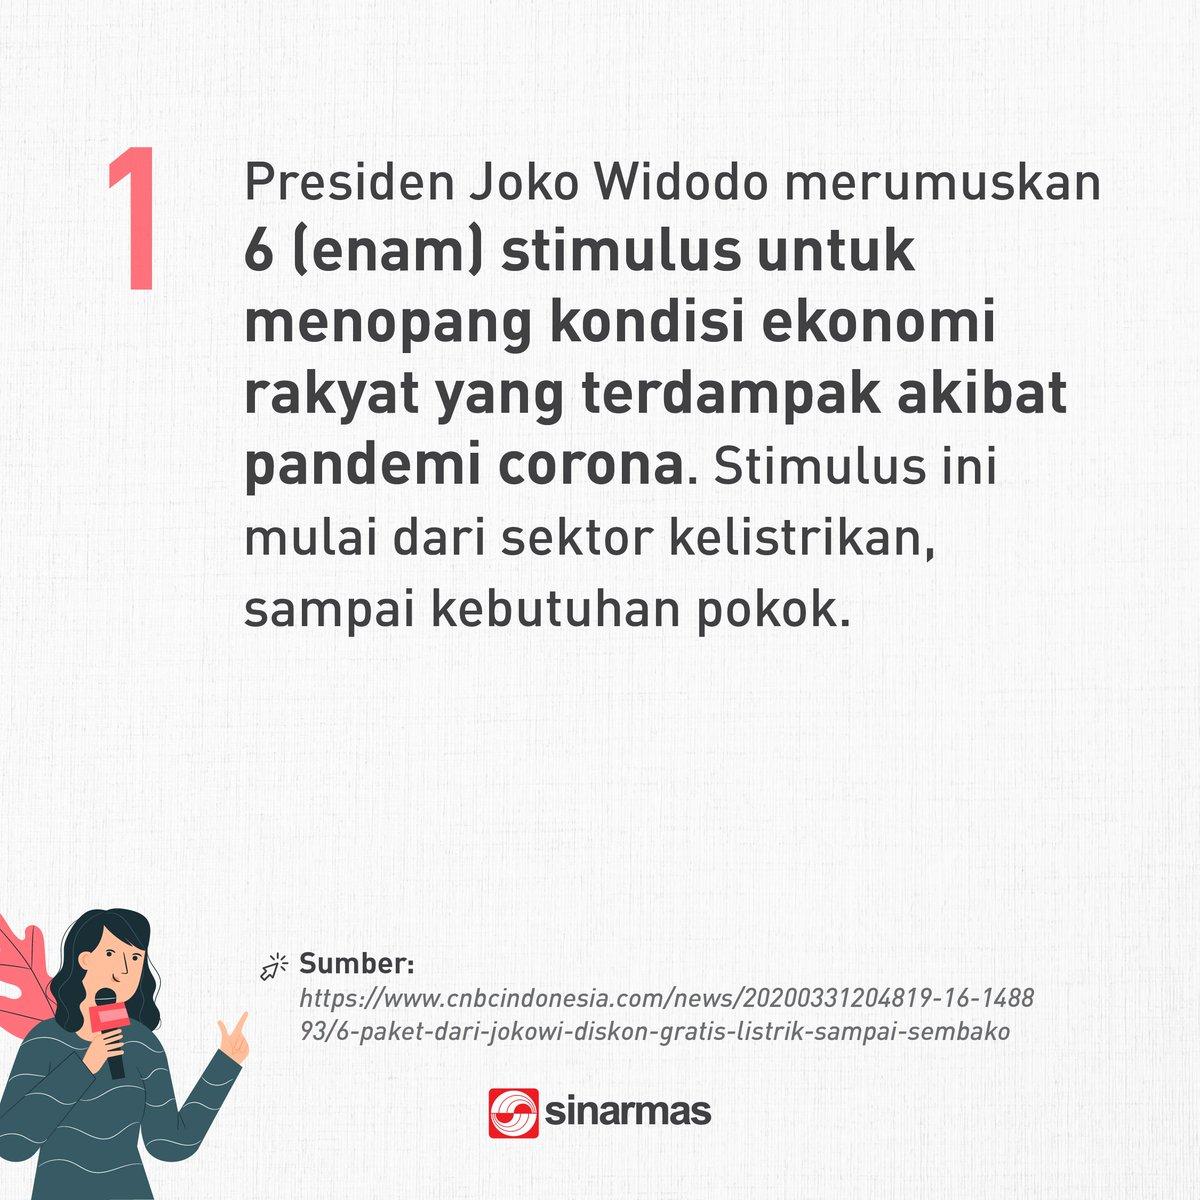 Sinar Mas On Twitter 1 Udah Pada Tau Kalo Ada 6 Stimulus Dari Pemerintah Untuk Tanggapi Covid 19 Semoga Stimulus Ini Memberikan Dampak Yang Baik Untuk Indonesia Ya Selengkapnya Klik Https T Co Xs9qgjq8tj Halbaikhariini Https T Co Ttm310mwdx